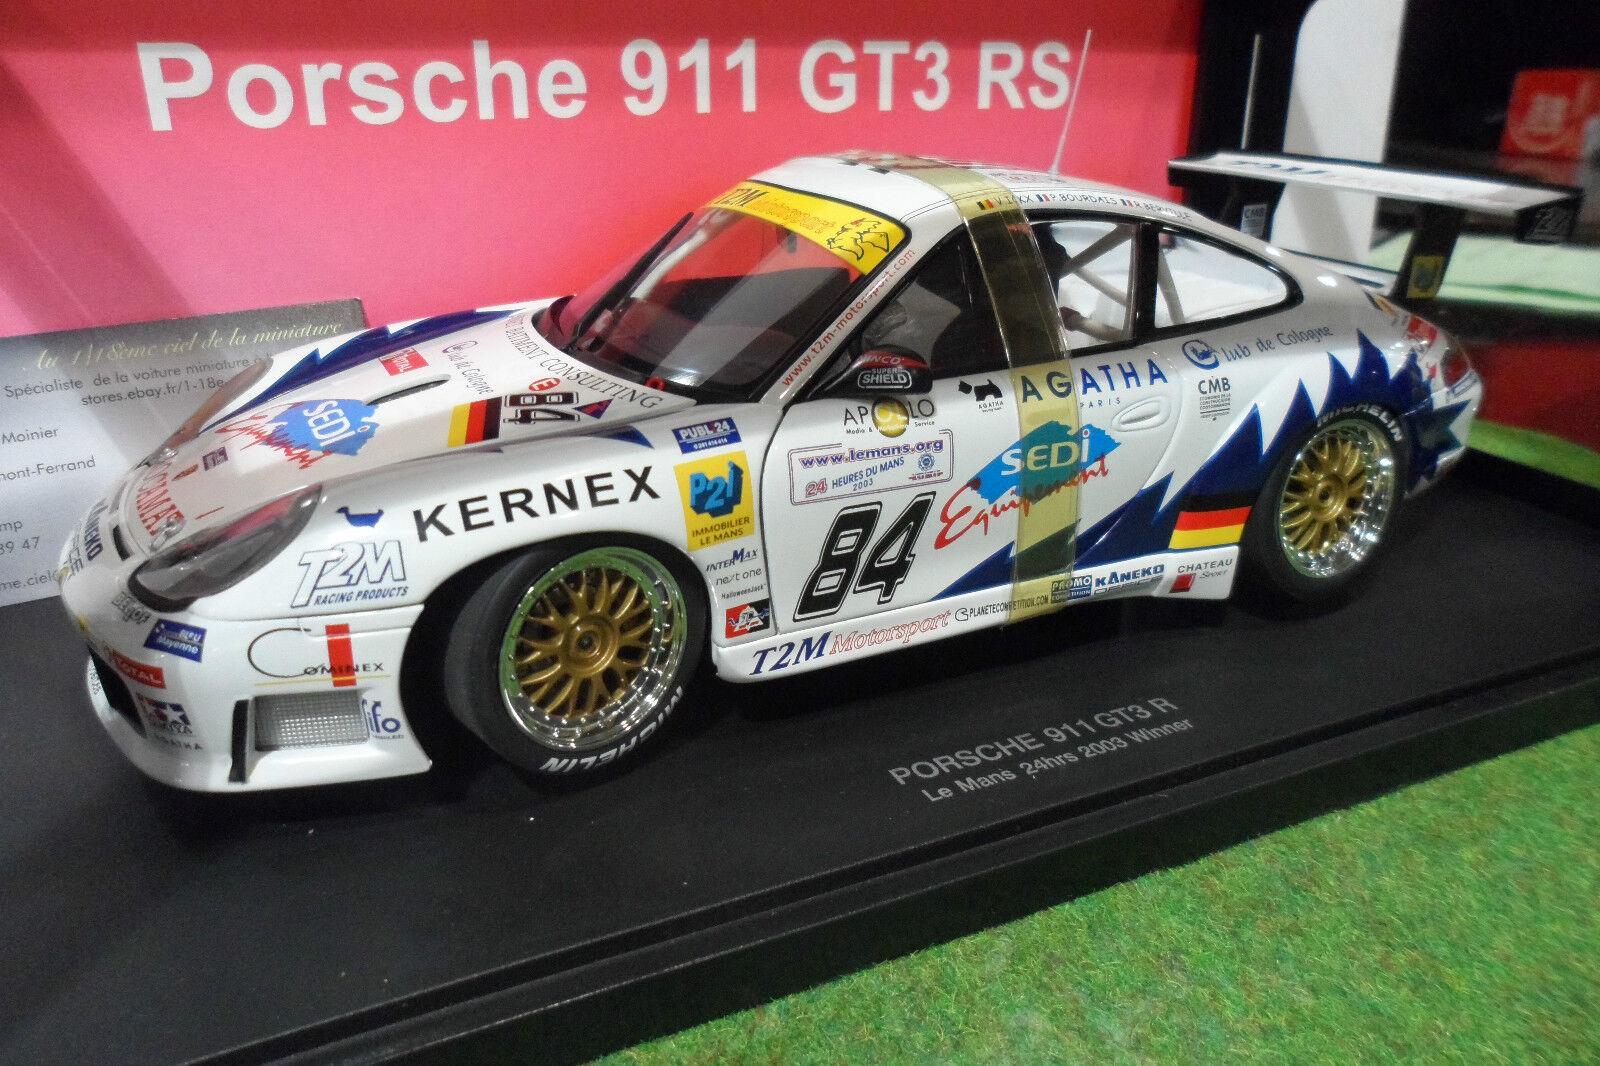 entrega rápida PORSCHE  911 996 GT3R Le Mans Mans Mans 2003 T2M Ickx 1 18 AUTOart 80379A Auto Art voiture  n ° 1 en línea